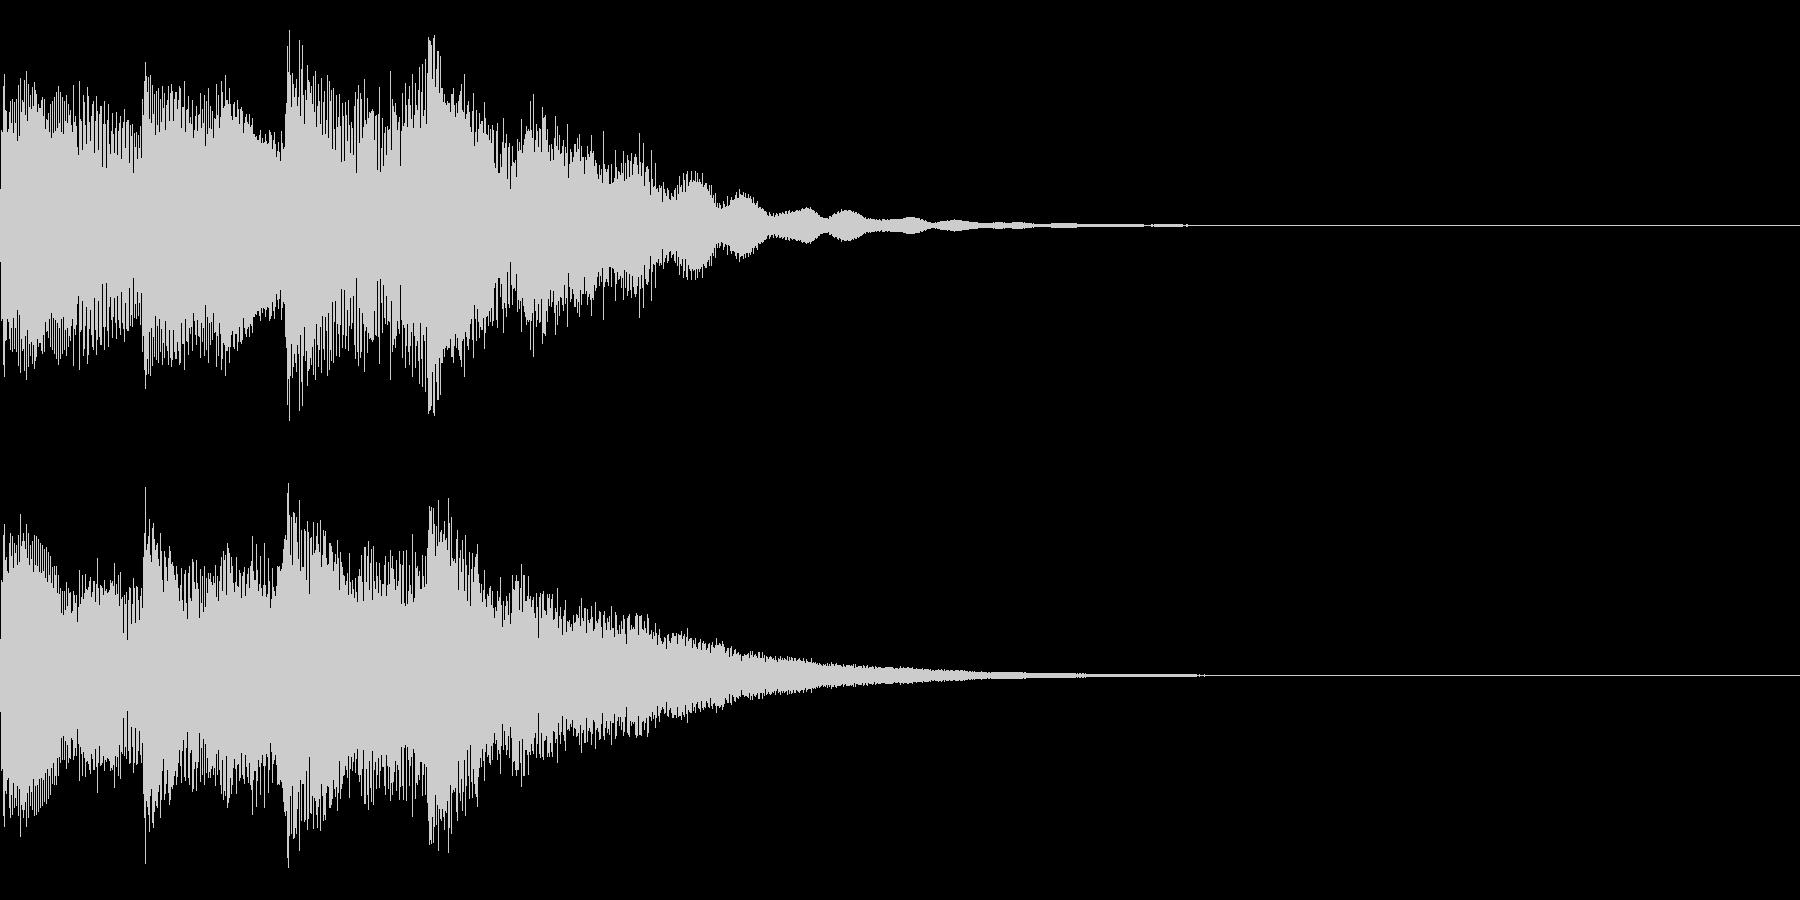 キンコンカンキーン(明るい電子効果音)の未再生の波形